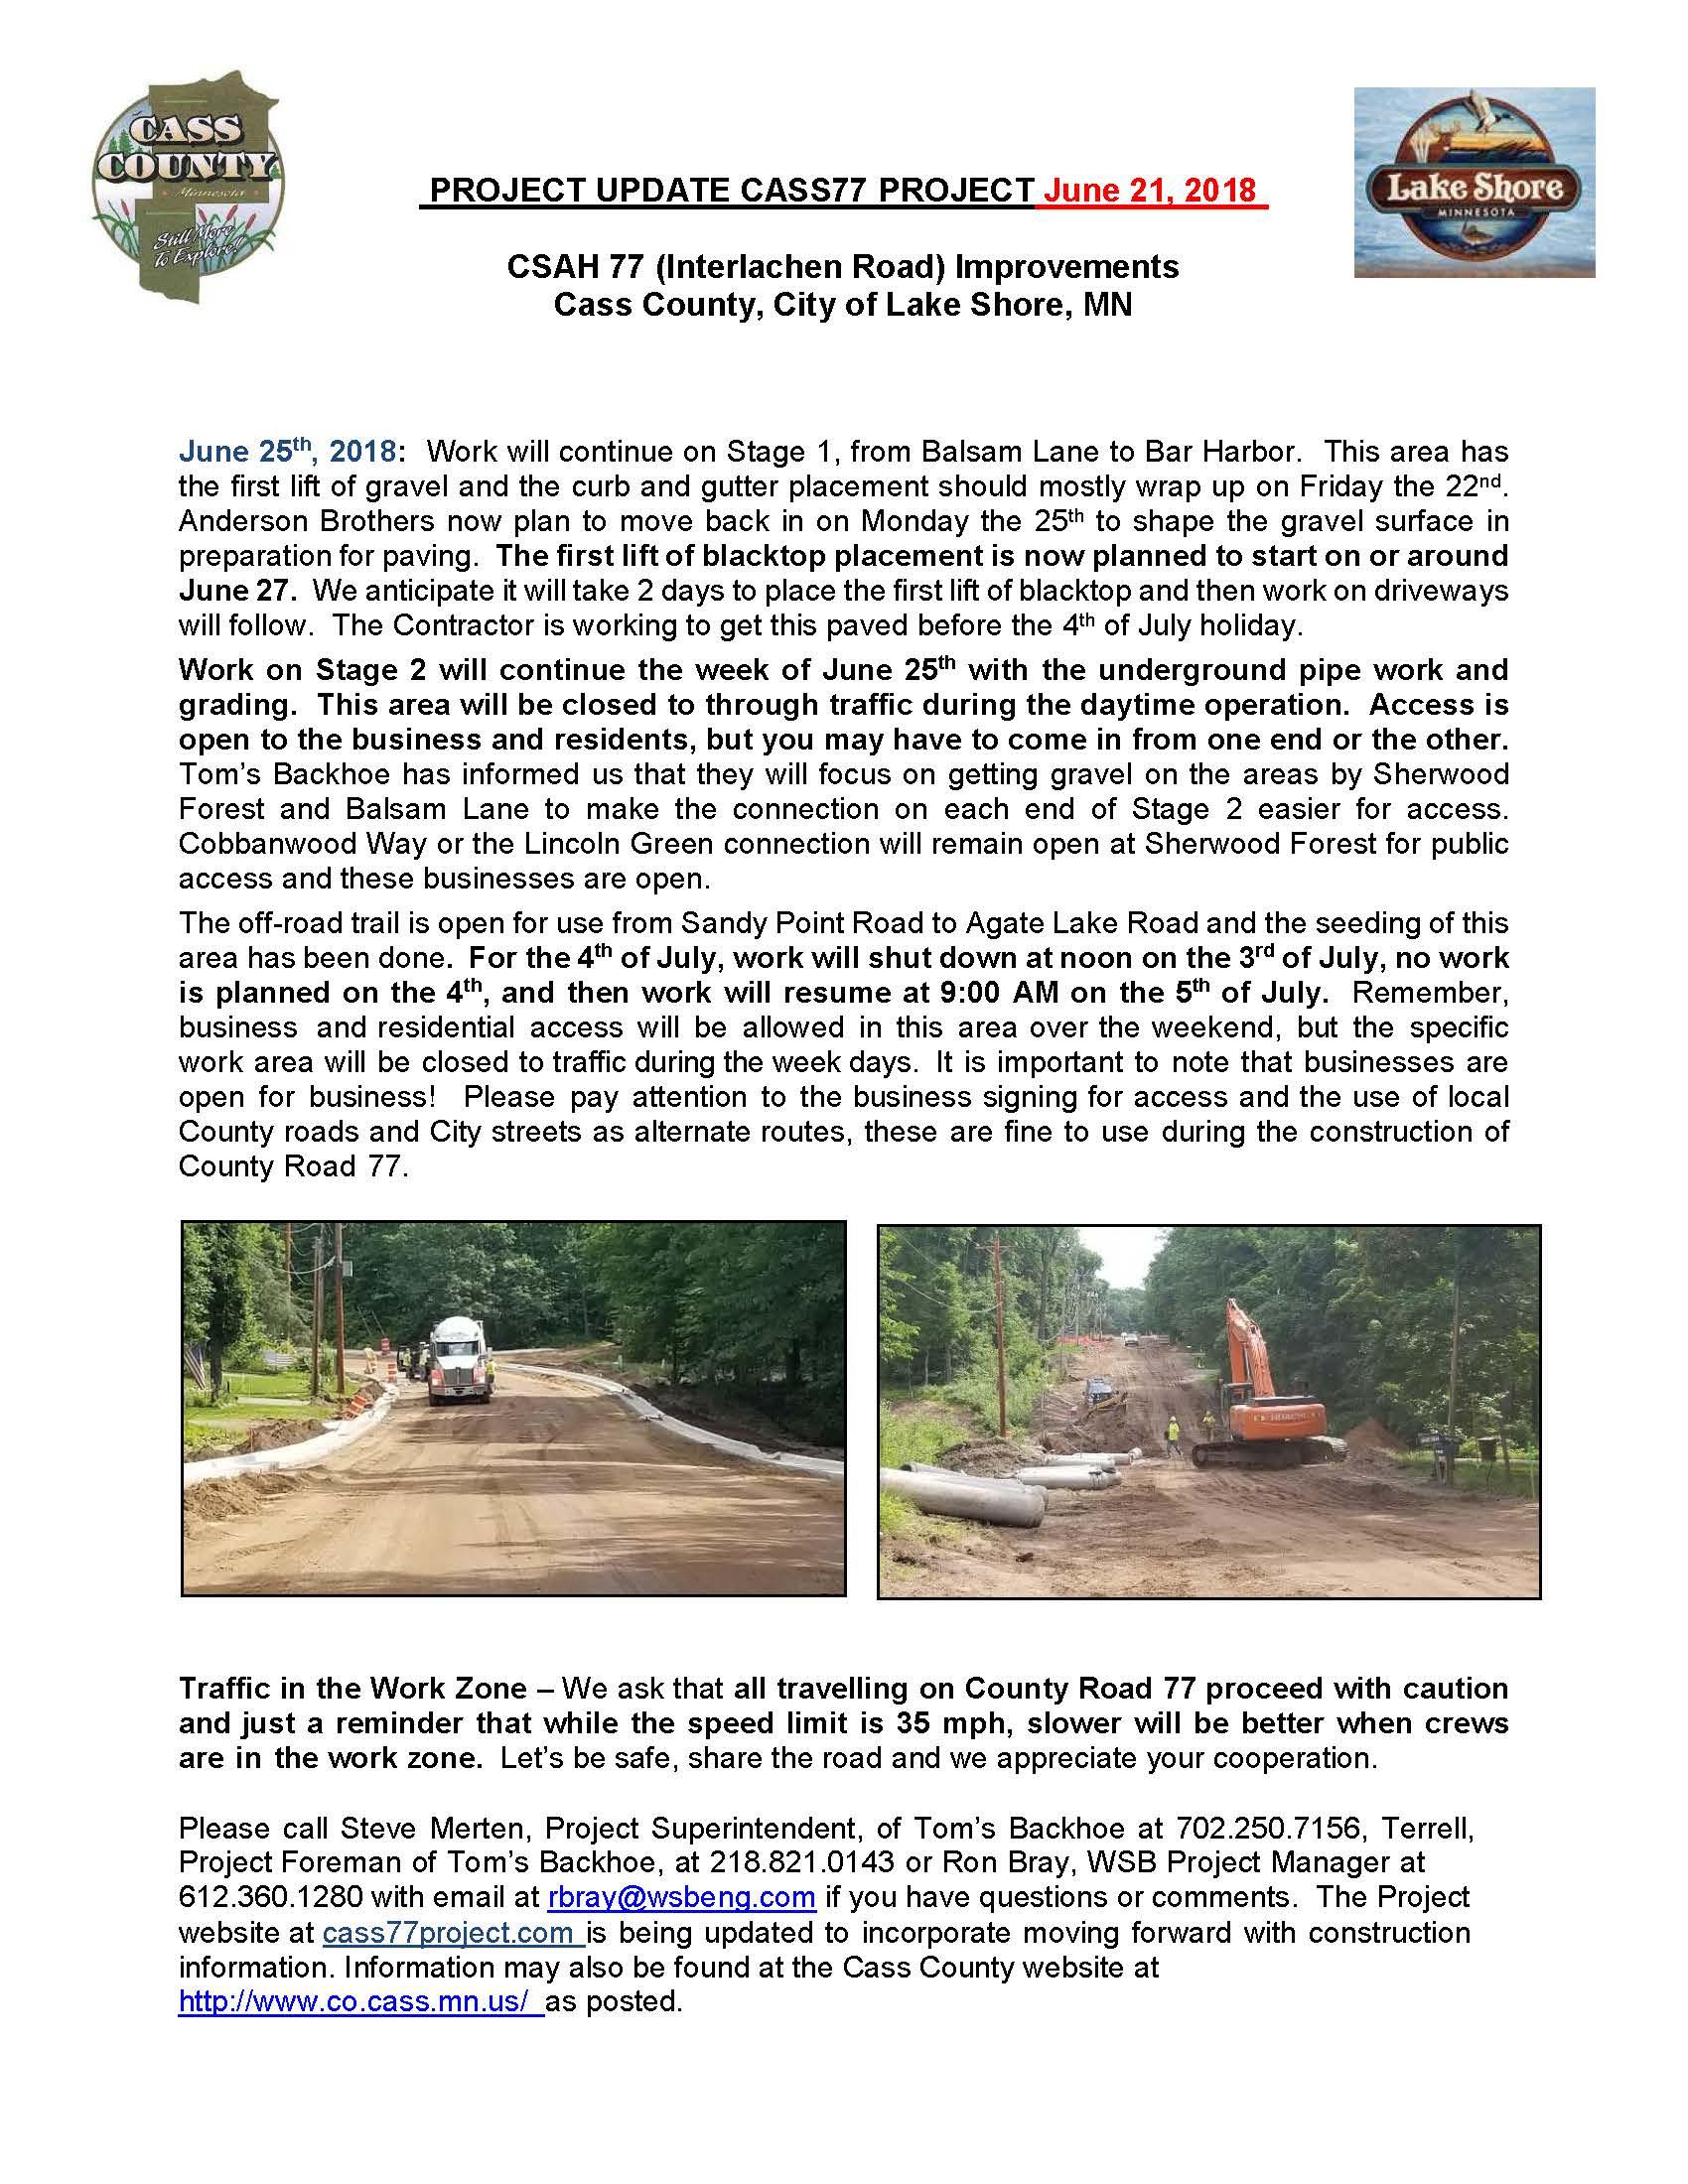 Cass County CSAH 77 Project update June 21 2018.jpg